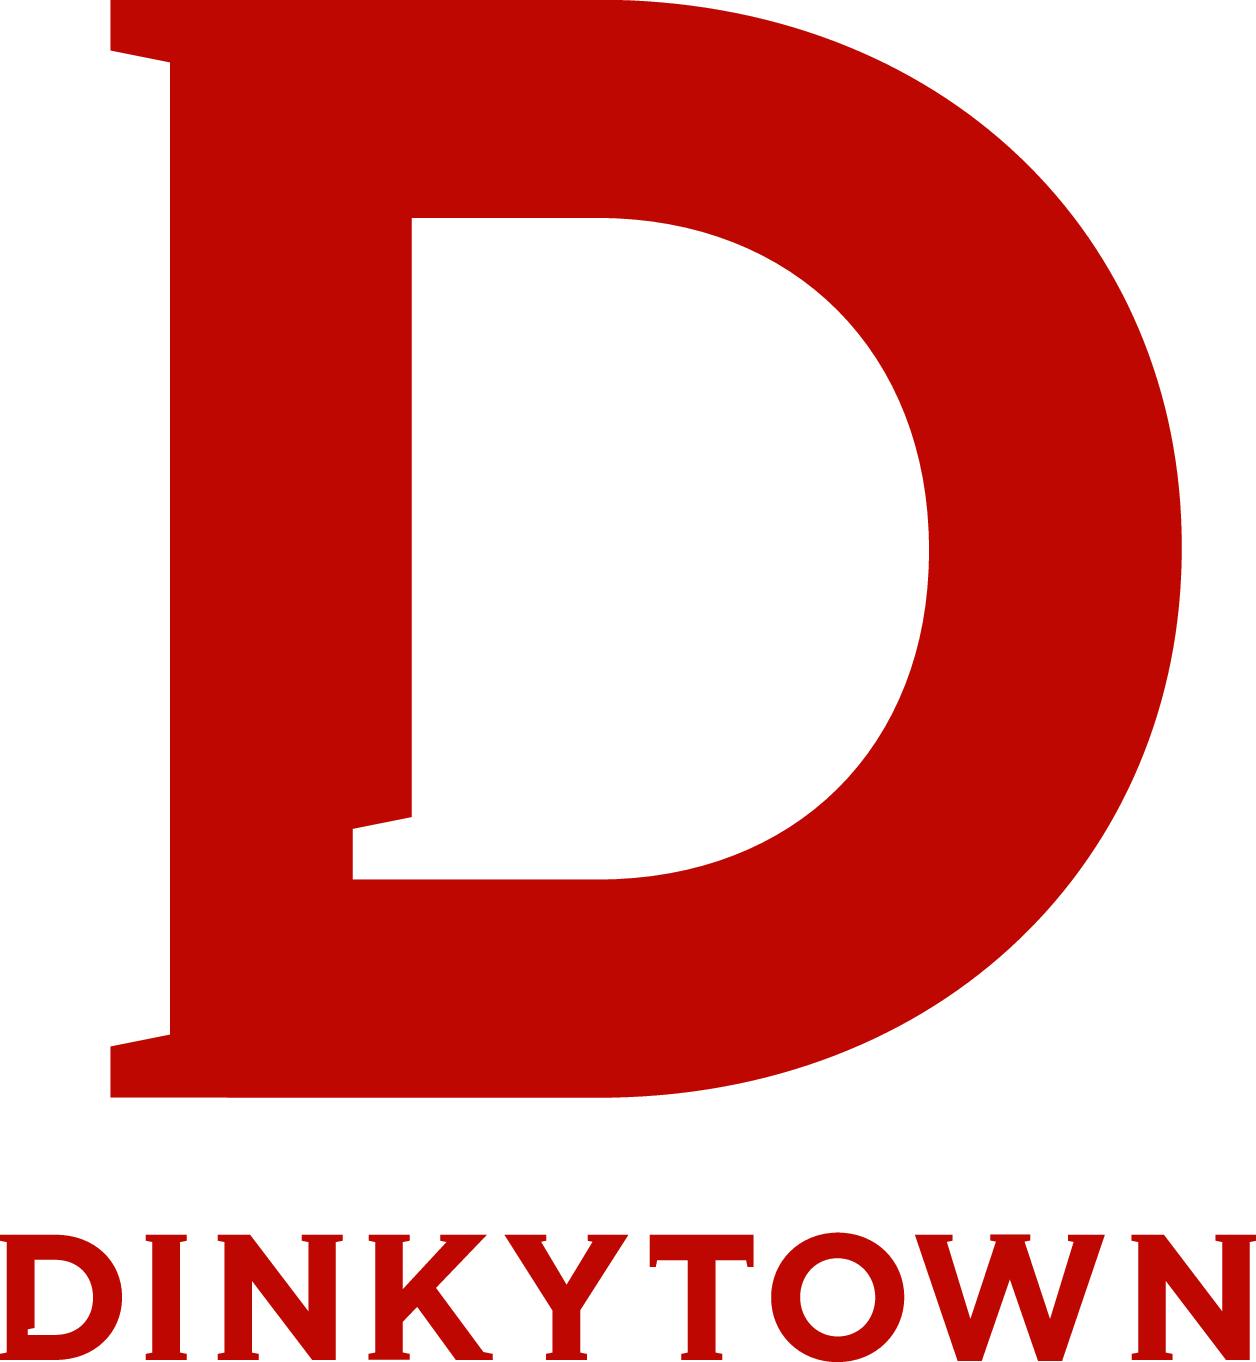 Dinkytown.jpg